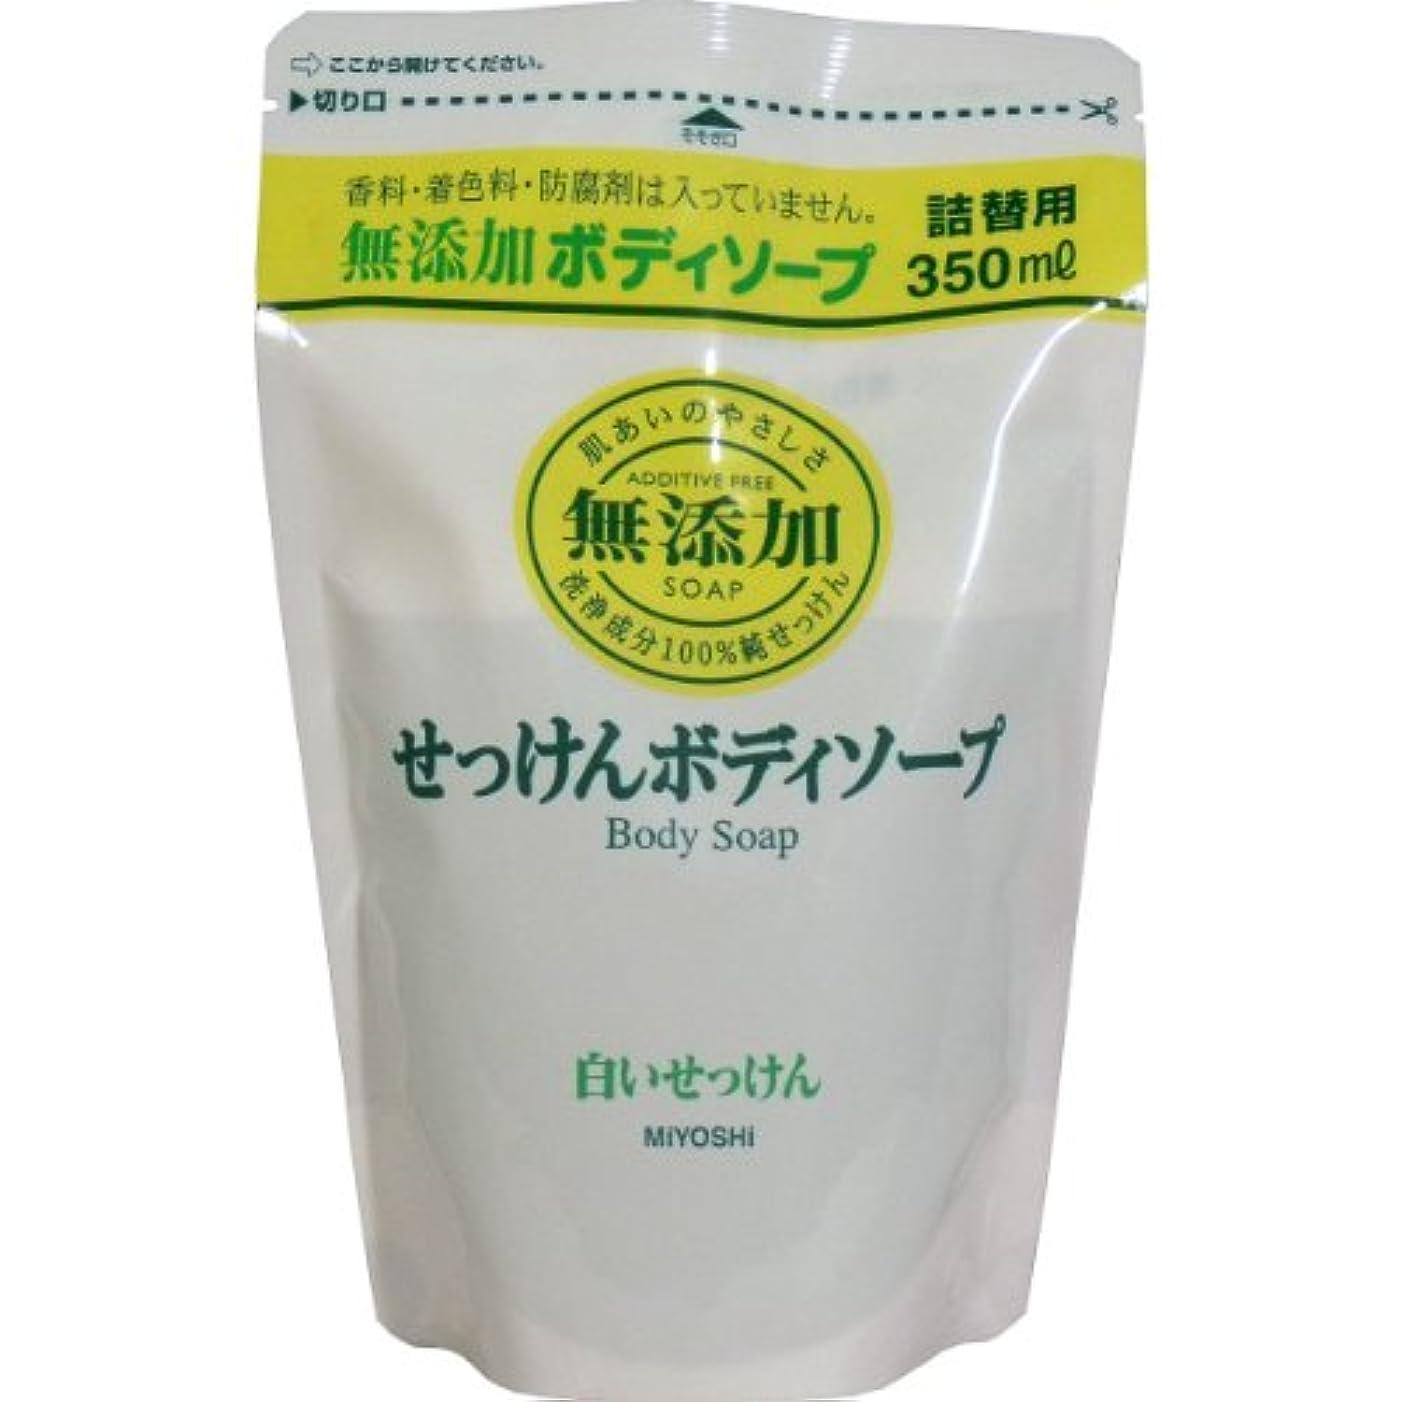 論争治世グリースミヨシ石鹸 無添加 ボディソープ 白い石けん つめかえ用 350ml×20個セット(無添加石鹸)